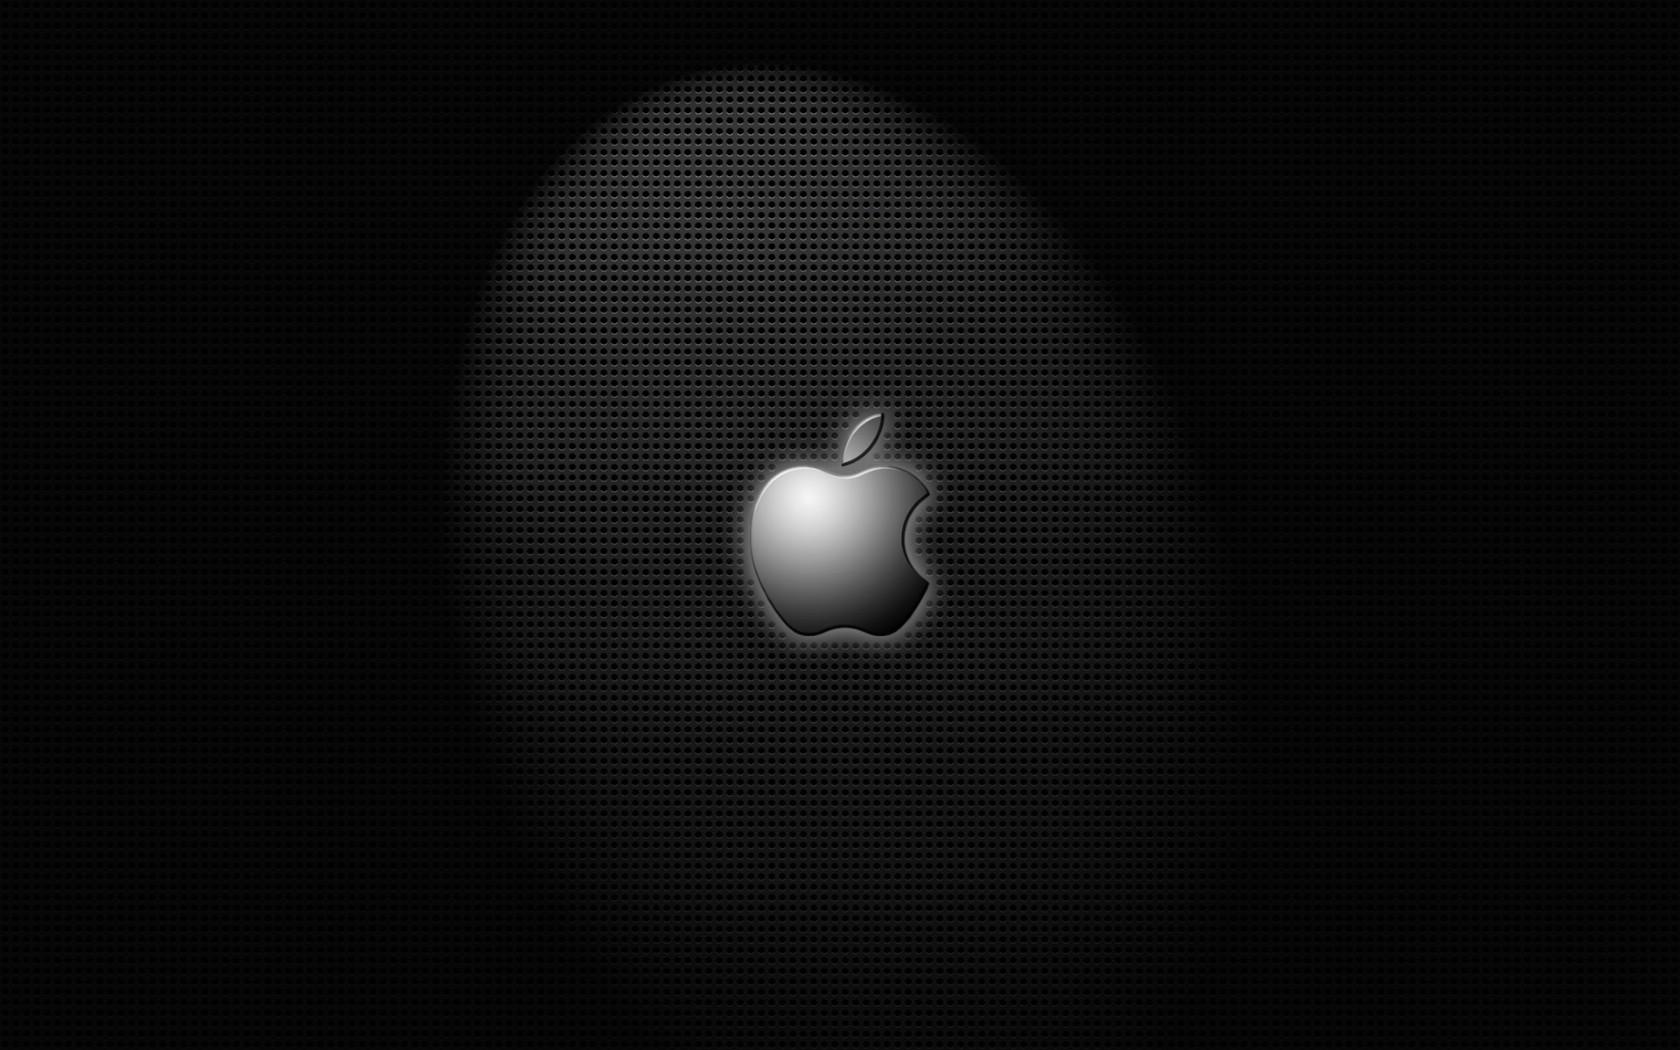 苹果桌面壁纸_ipad桌面壁纸可爱